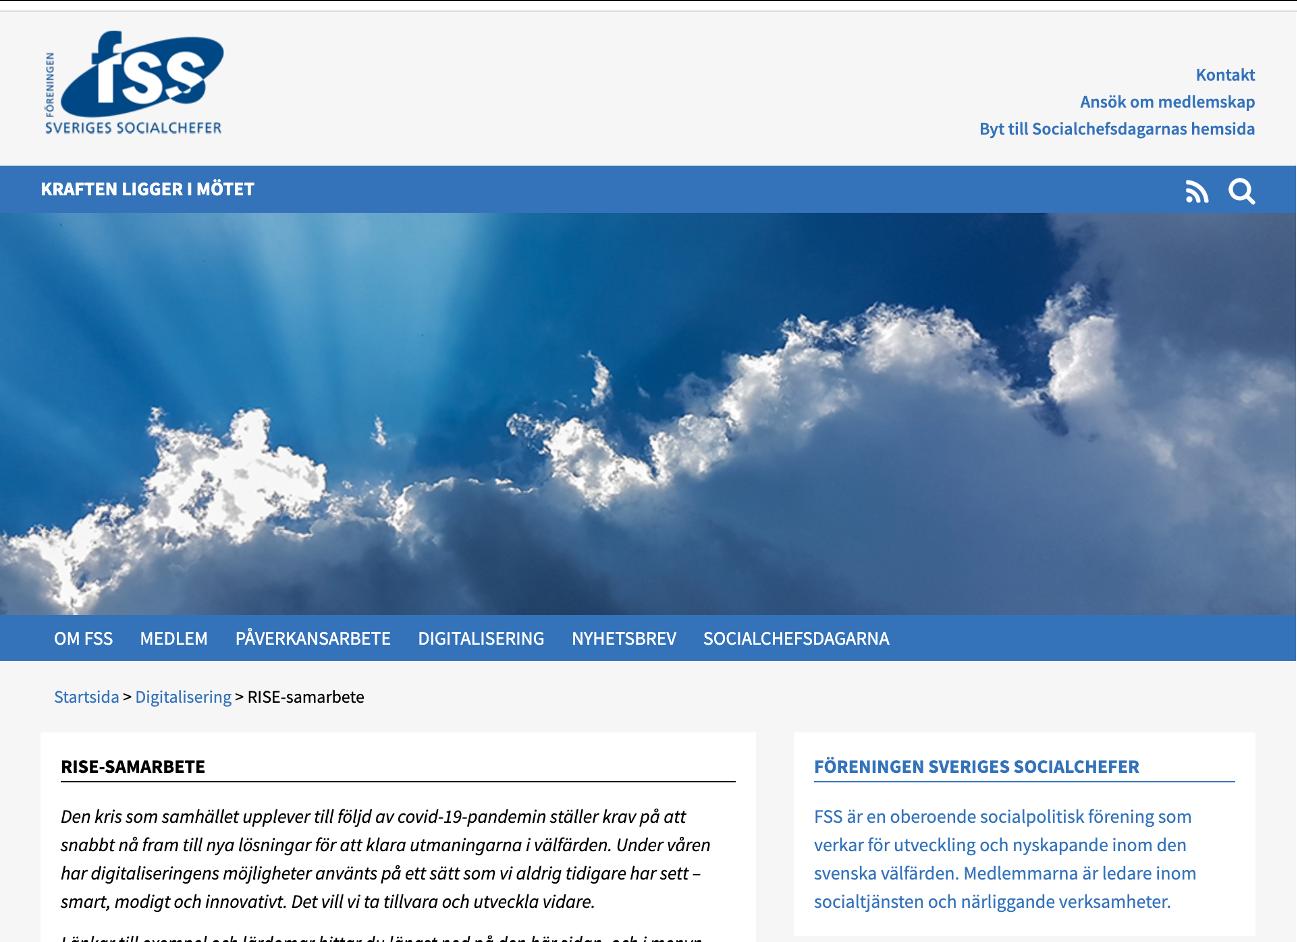 Föreningen Sveriges Socialchefer webbsida